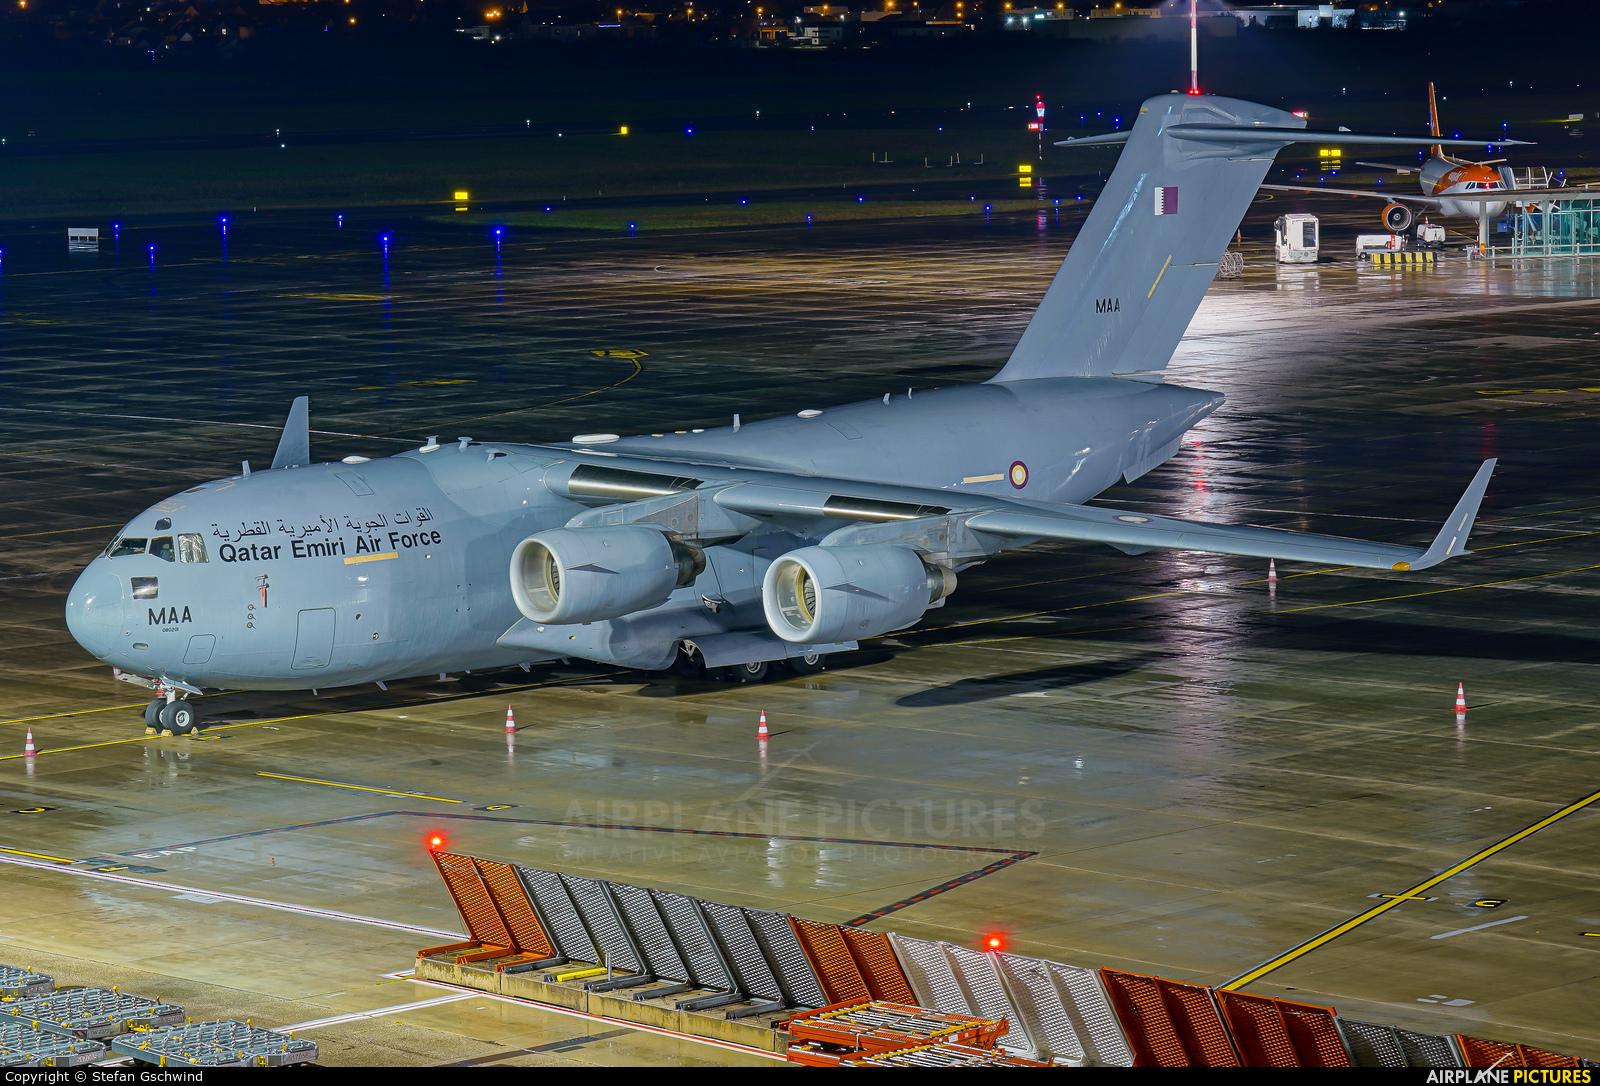 Qatar Amiri - Air Force A7-MAA aircraft at Basel - Mulhouse- Euro